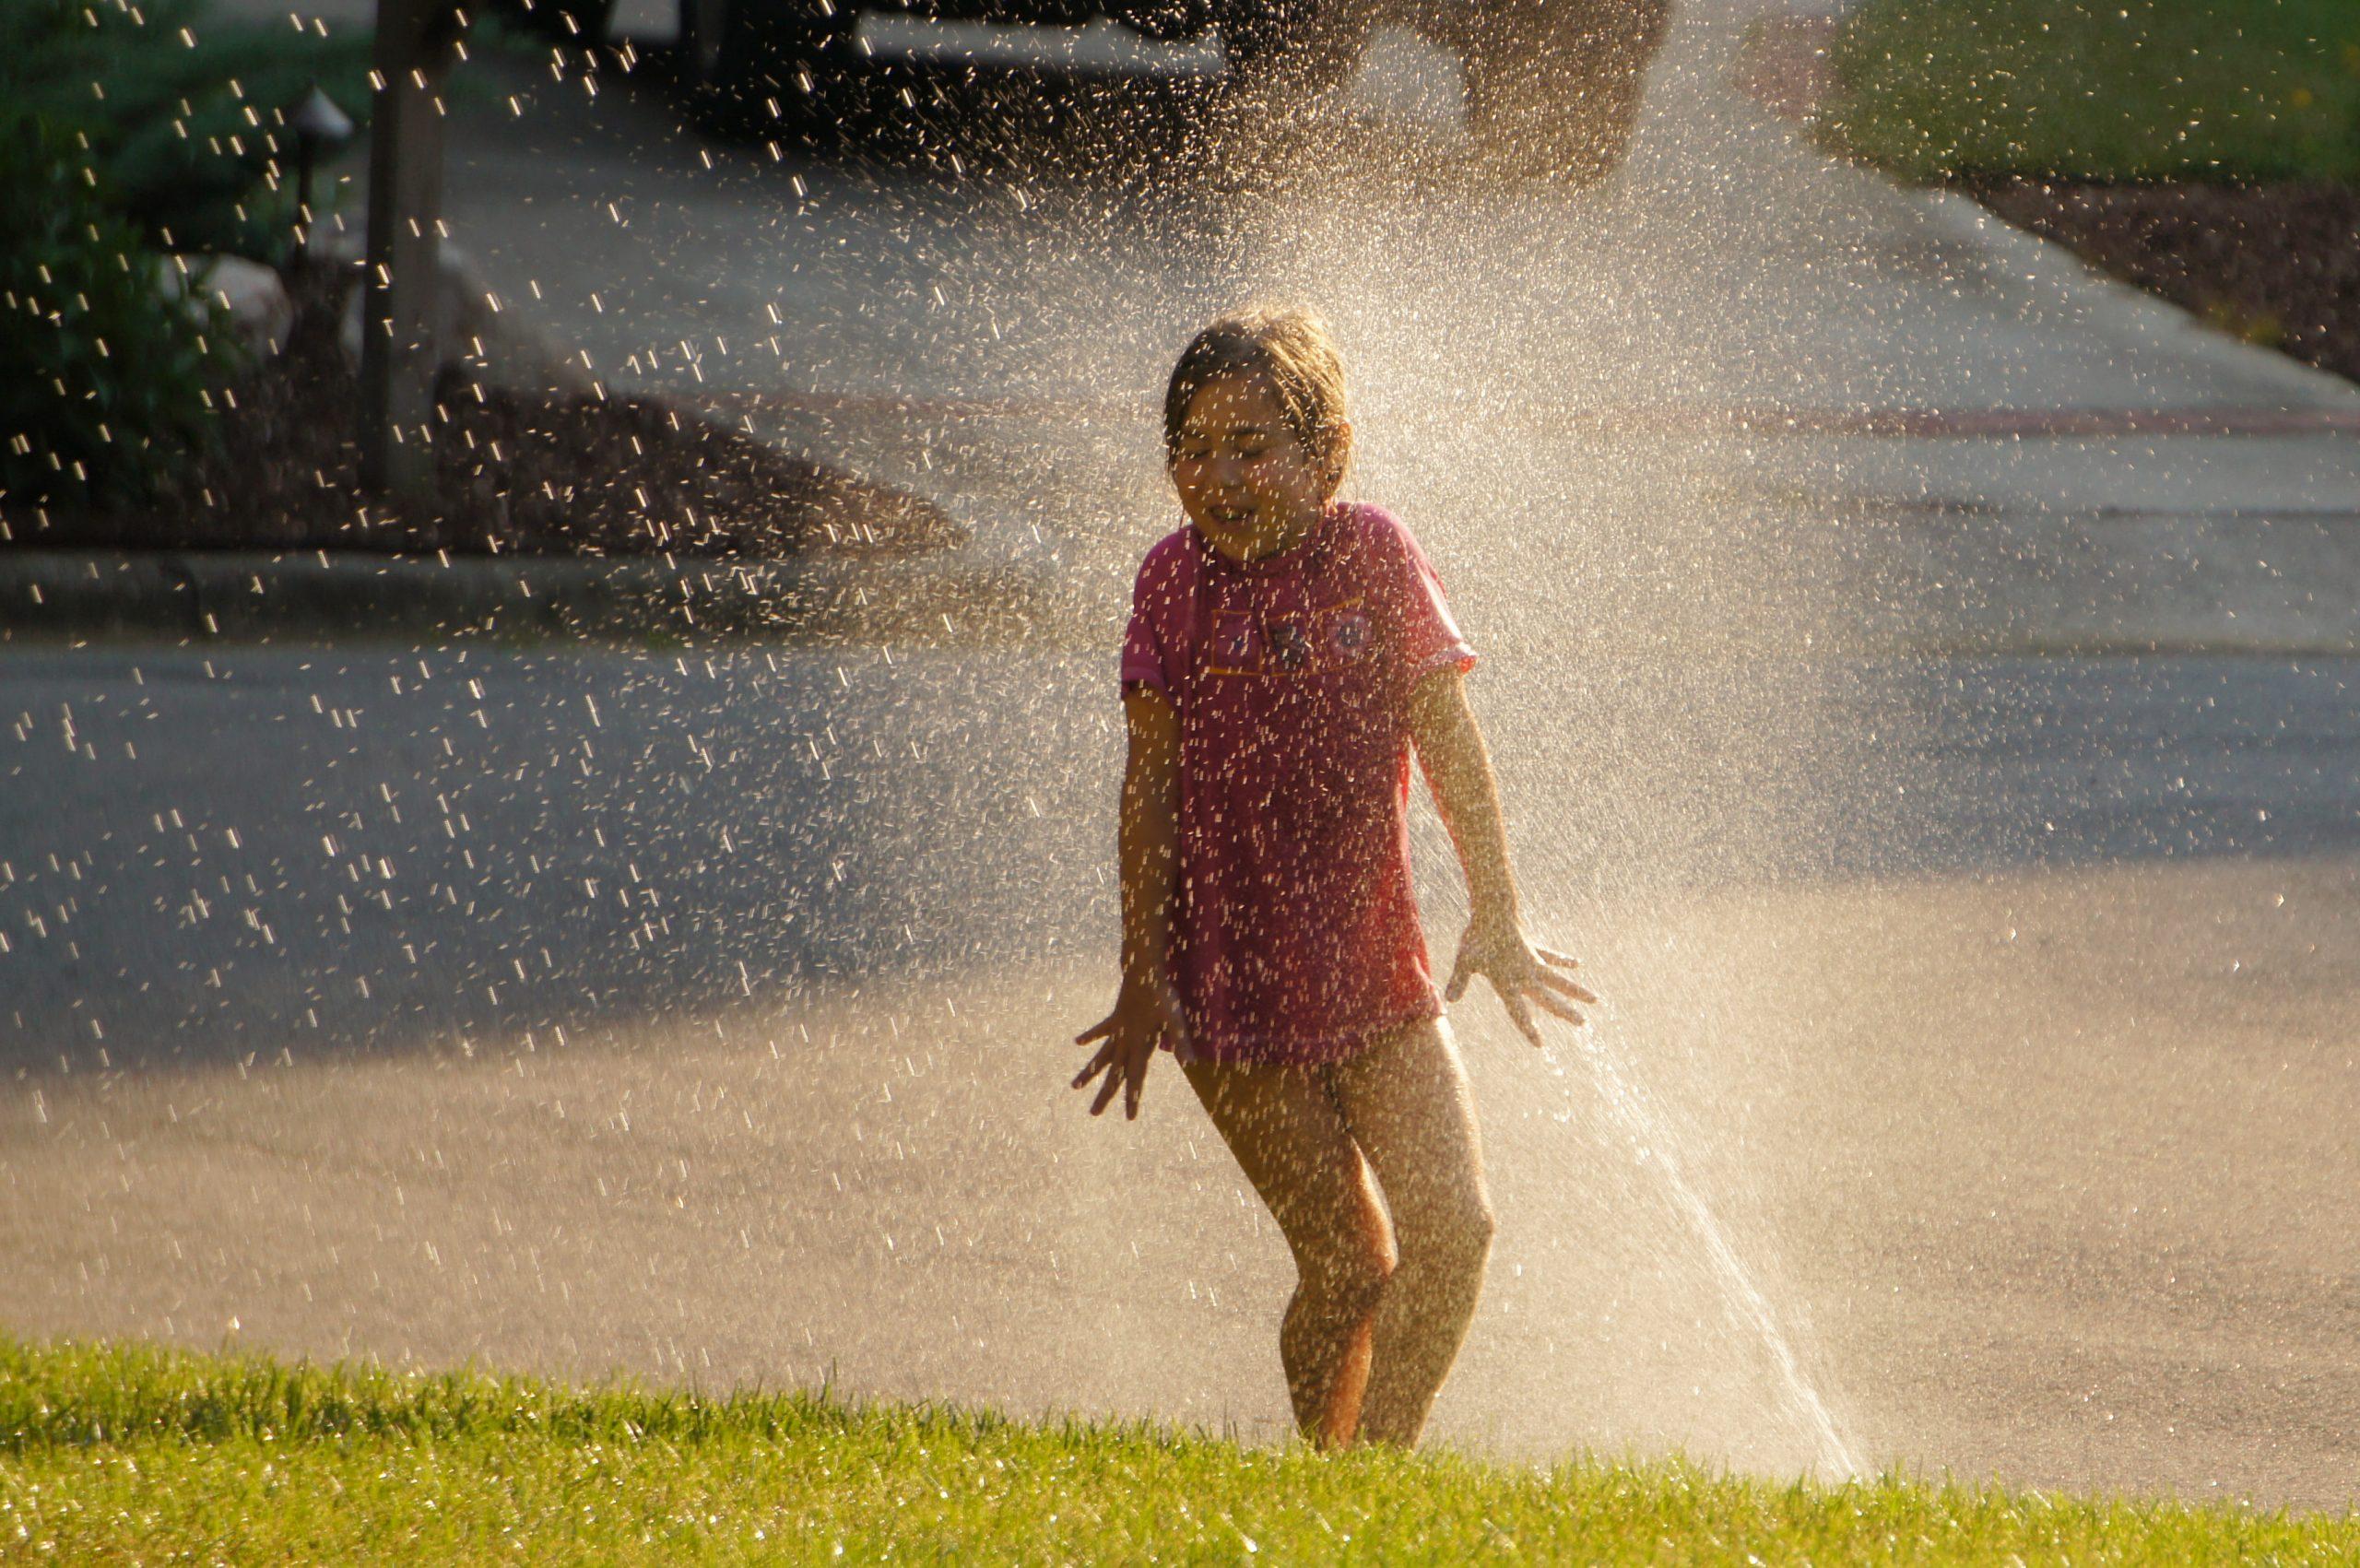 Criança sendo molhada por jato de água de um irrigador muito forte, igual uma chuva.